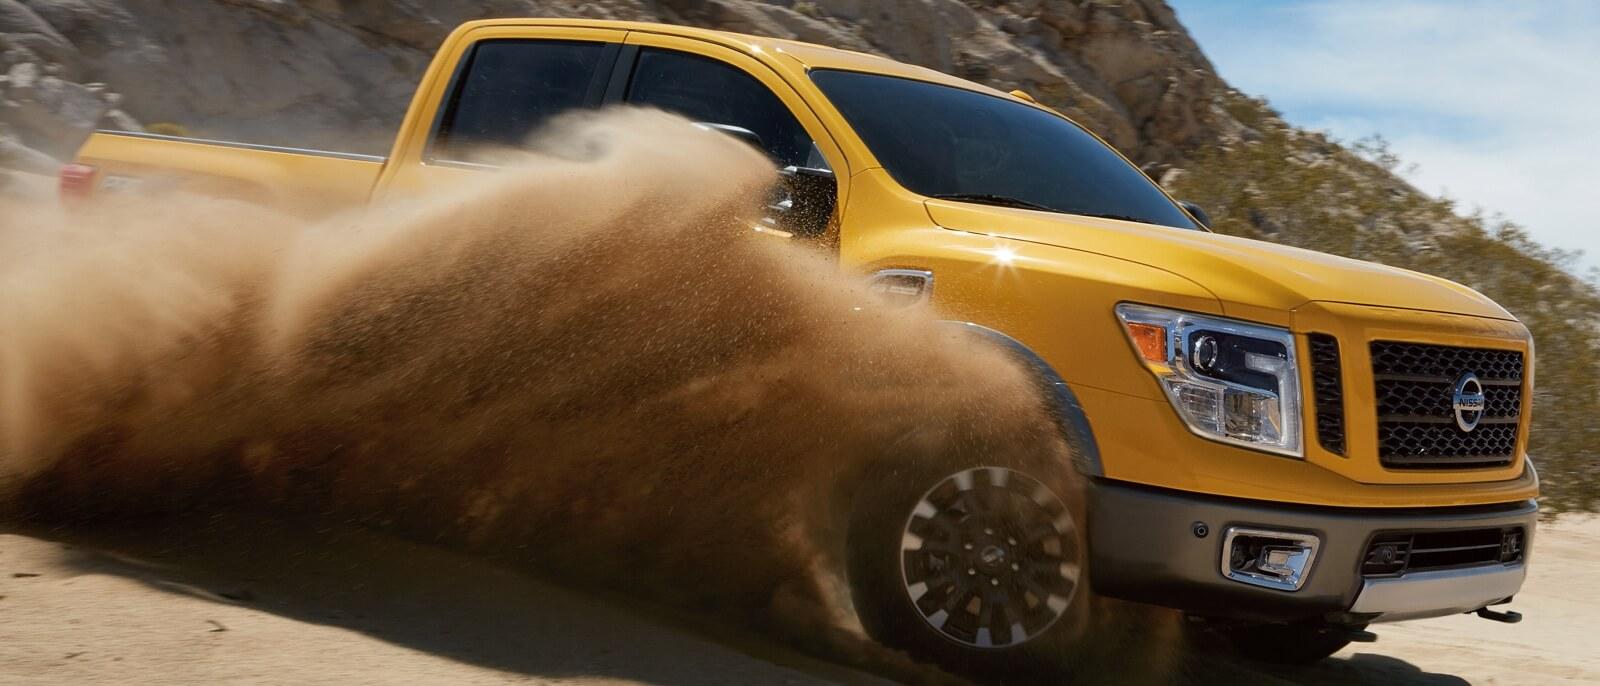 2016 Nissan Titan XD yellow exterior